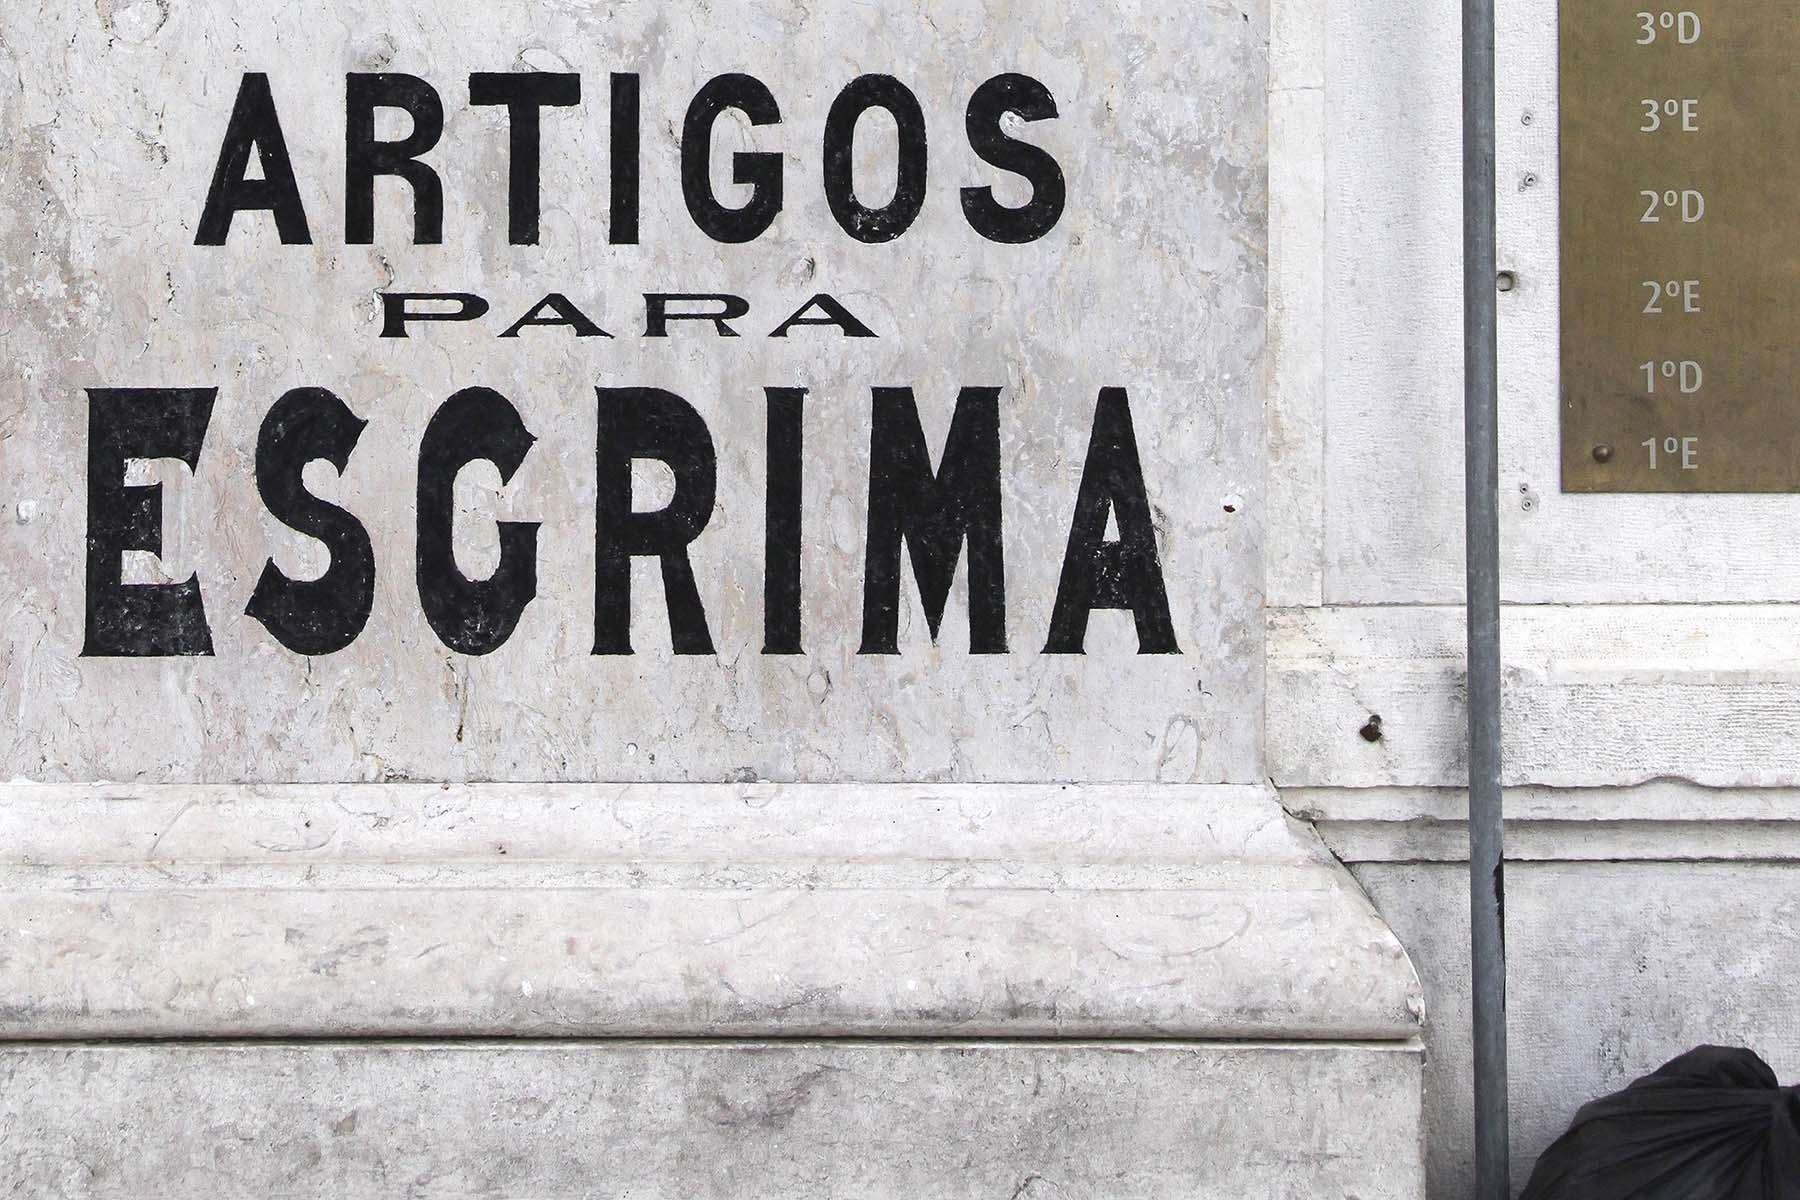 Portugal 11 Carlos Segura @segurainc lo